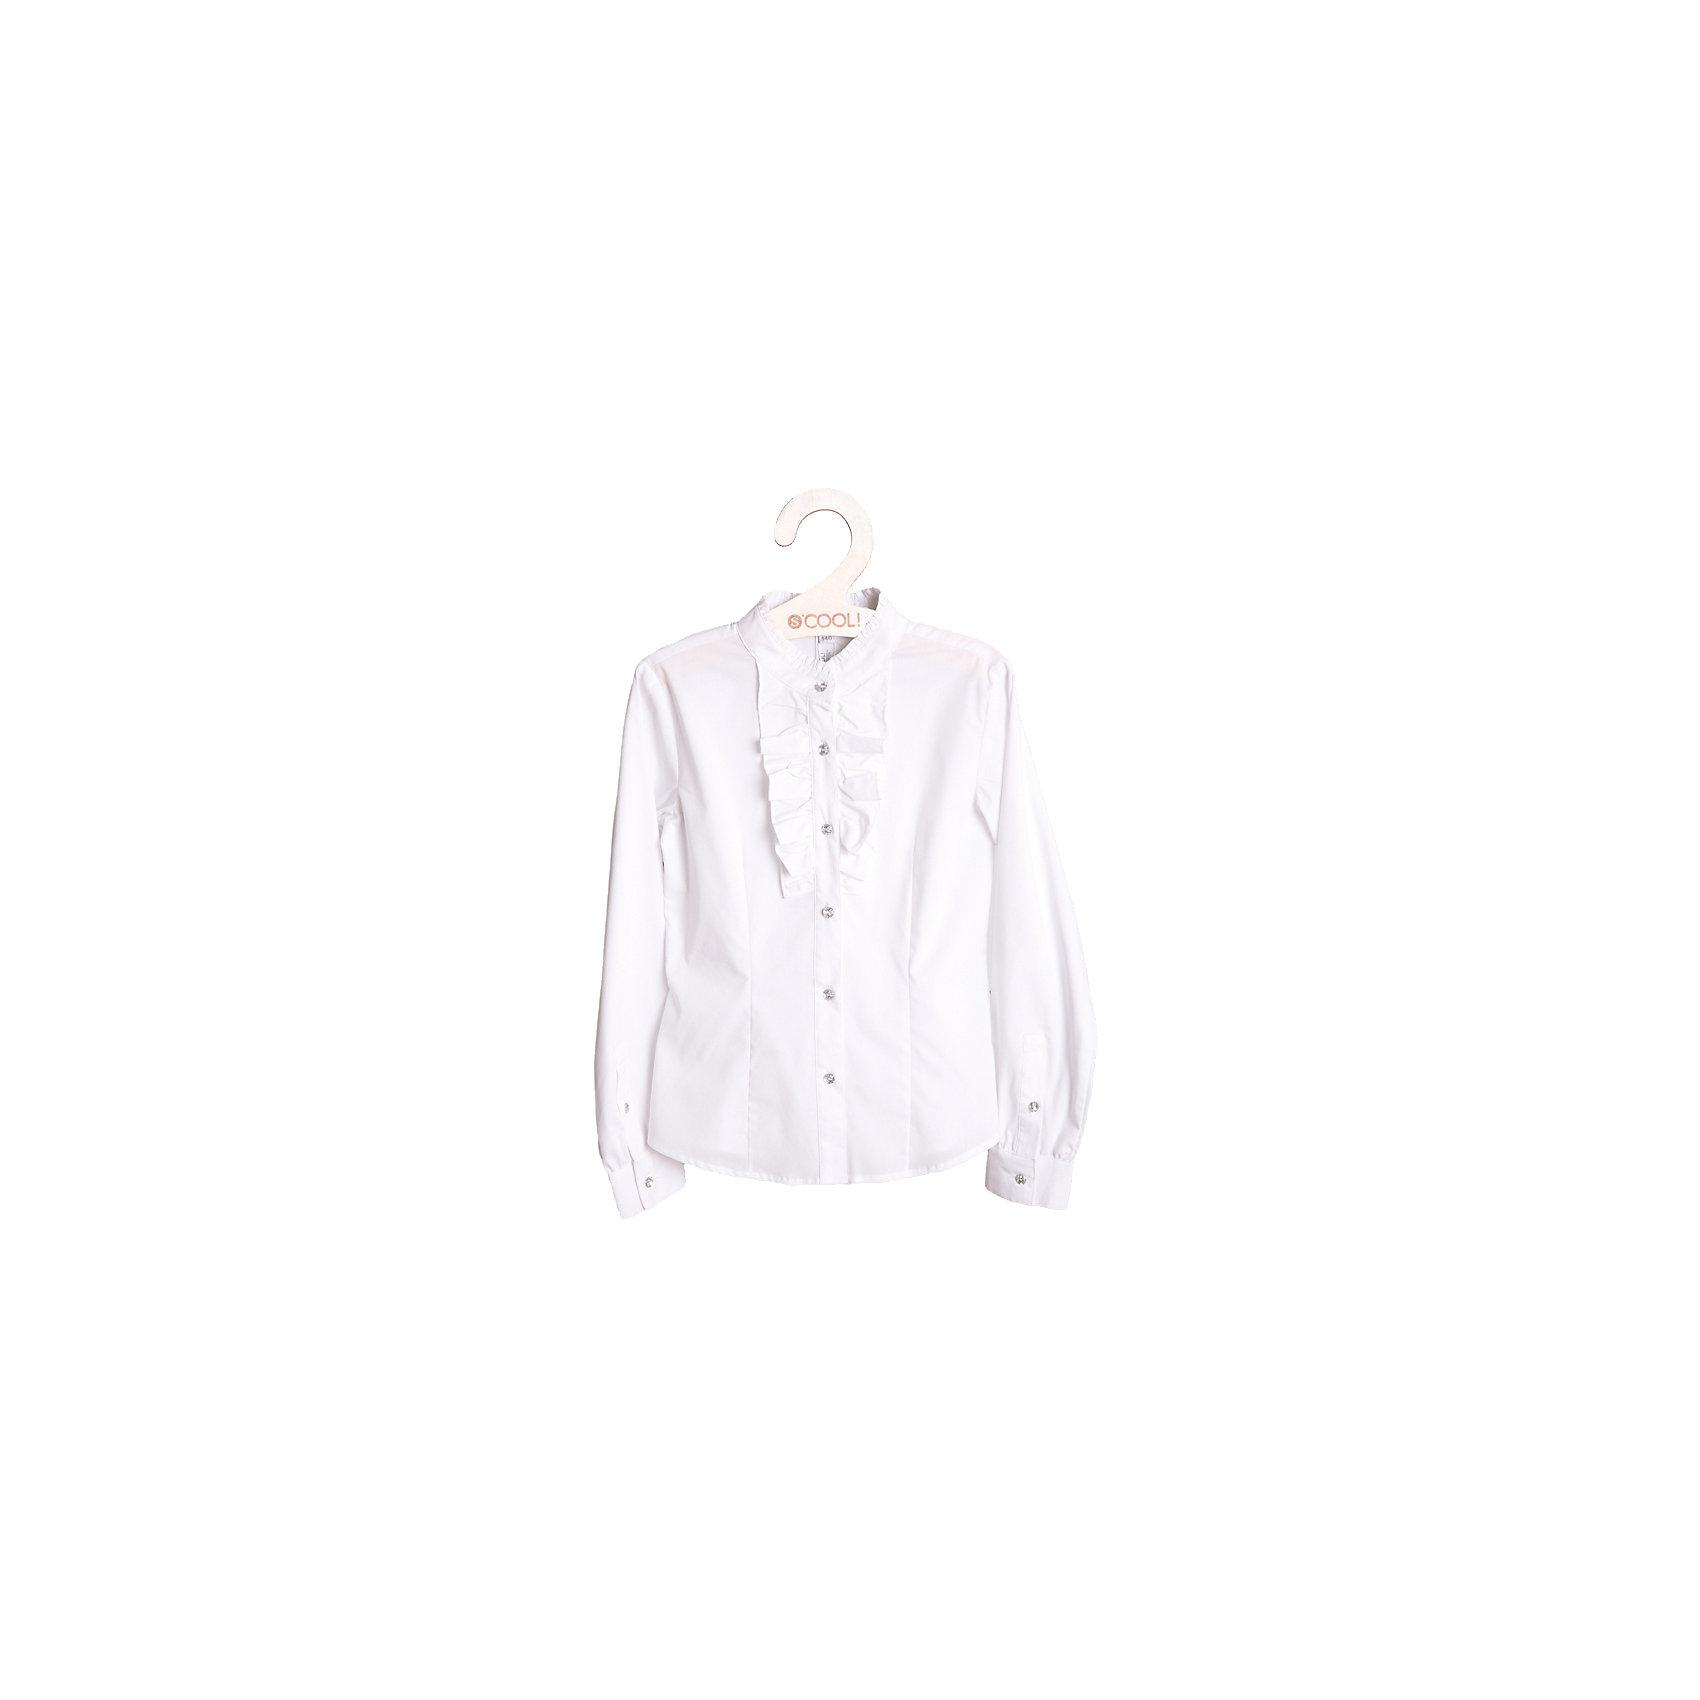 Блузка ScoolБлузки и рубашки<br>Блузка от известной марки Scool.<br>* хлопковая блузка<br>* воротник-стойка <br>* застежка - пуговицы<br>* блузку легко комбинировать с юбками и брюками, создавая красивые ансамбли<br>Состав:<br>Хлопок:68%; Полиэстер:28%; Эластан:4%<br><br>Ширина мм: 186<br>Глубина мм: 87<br>Высота мм: 198<br>Вес г: 197<br>Цвет: белый<br>Возраст от месяцев: 120<br>Возраст до месяцев: 132<br>Пол: Женский<br>Возраст: Детский<br>Размер: 146,164,140,158,152,134,128<br>SKU: 4140717